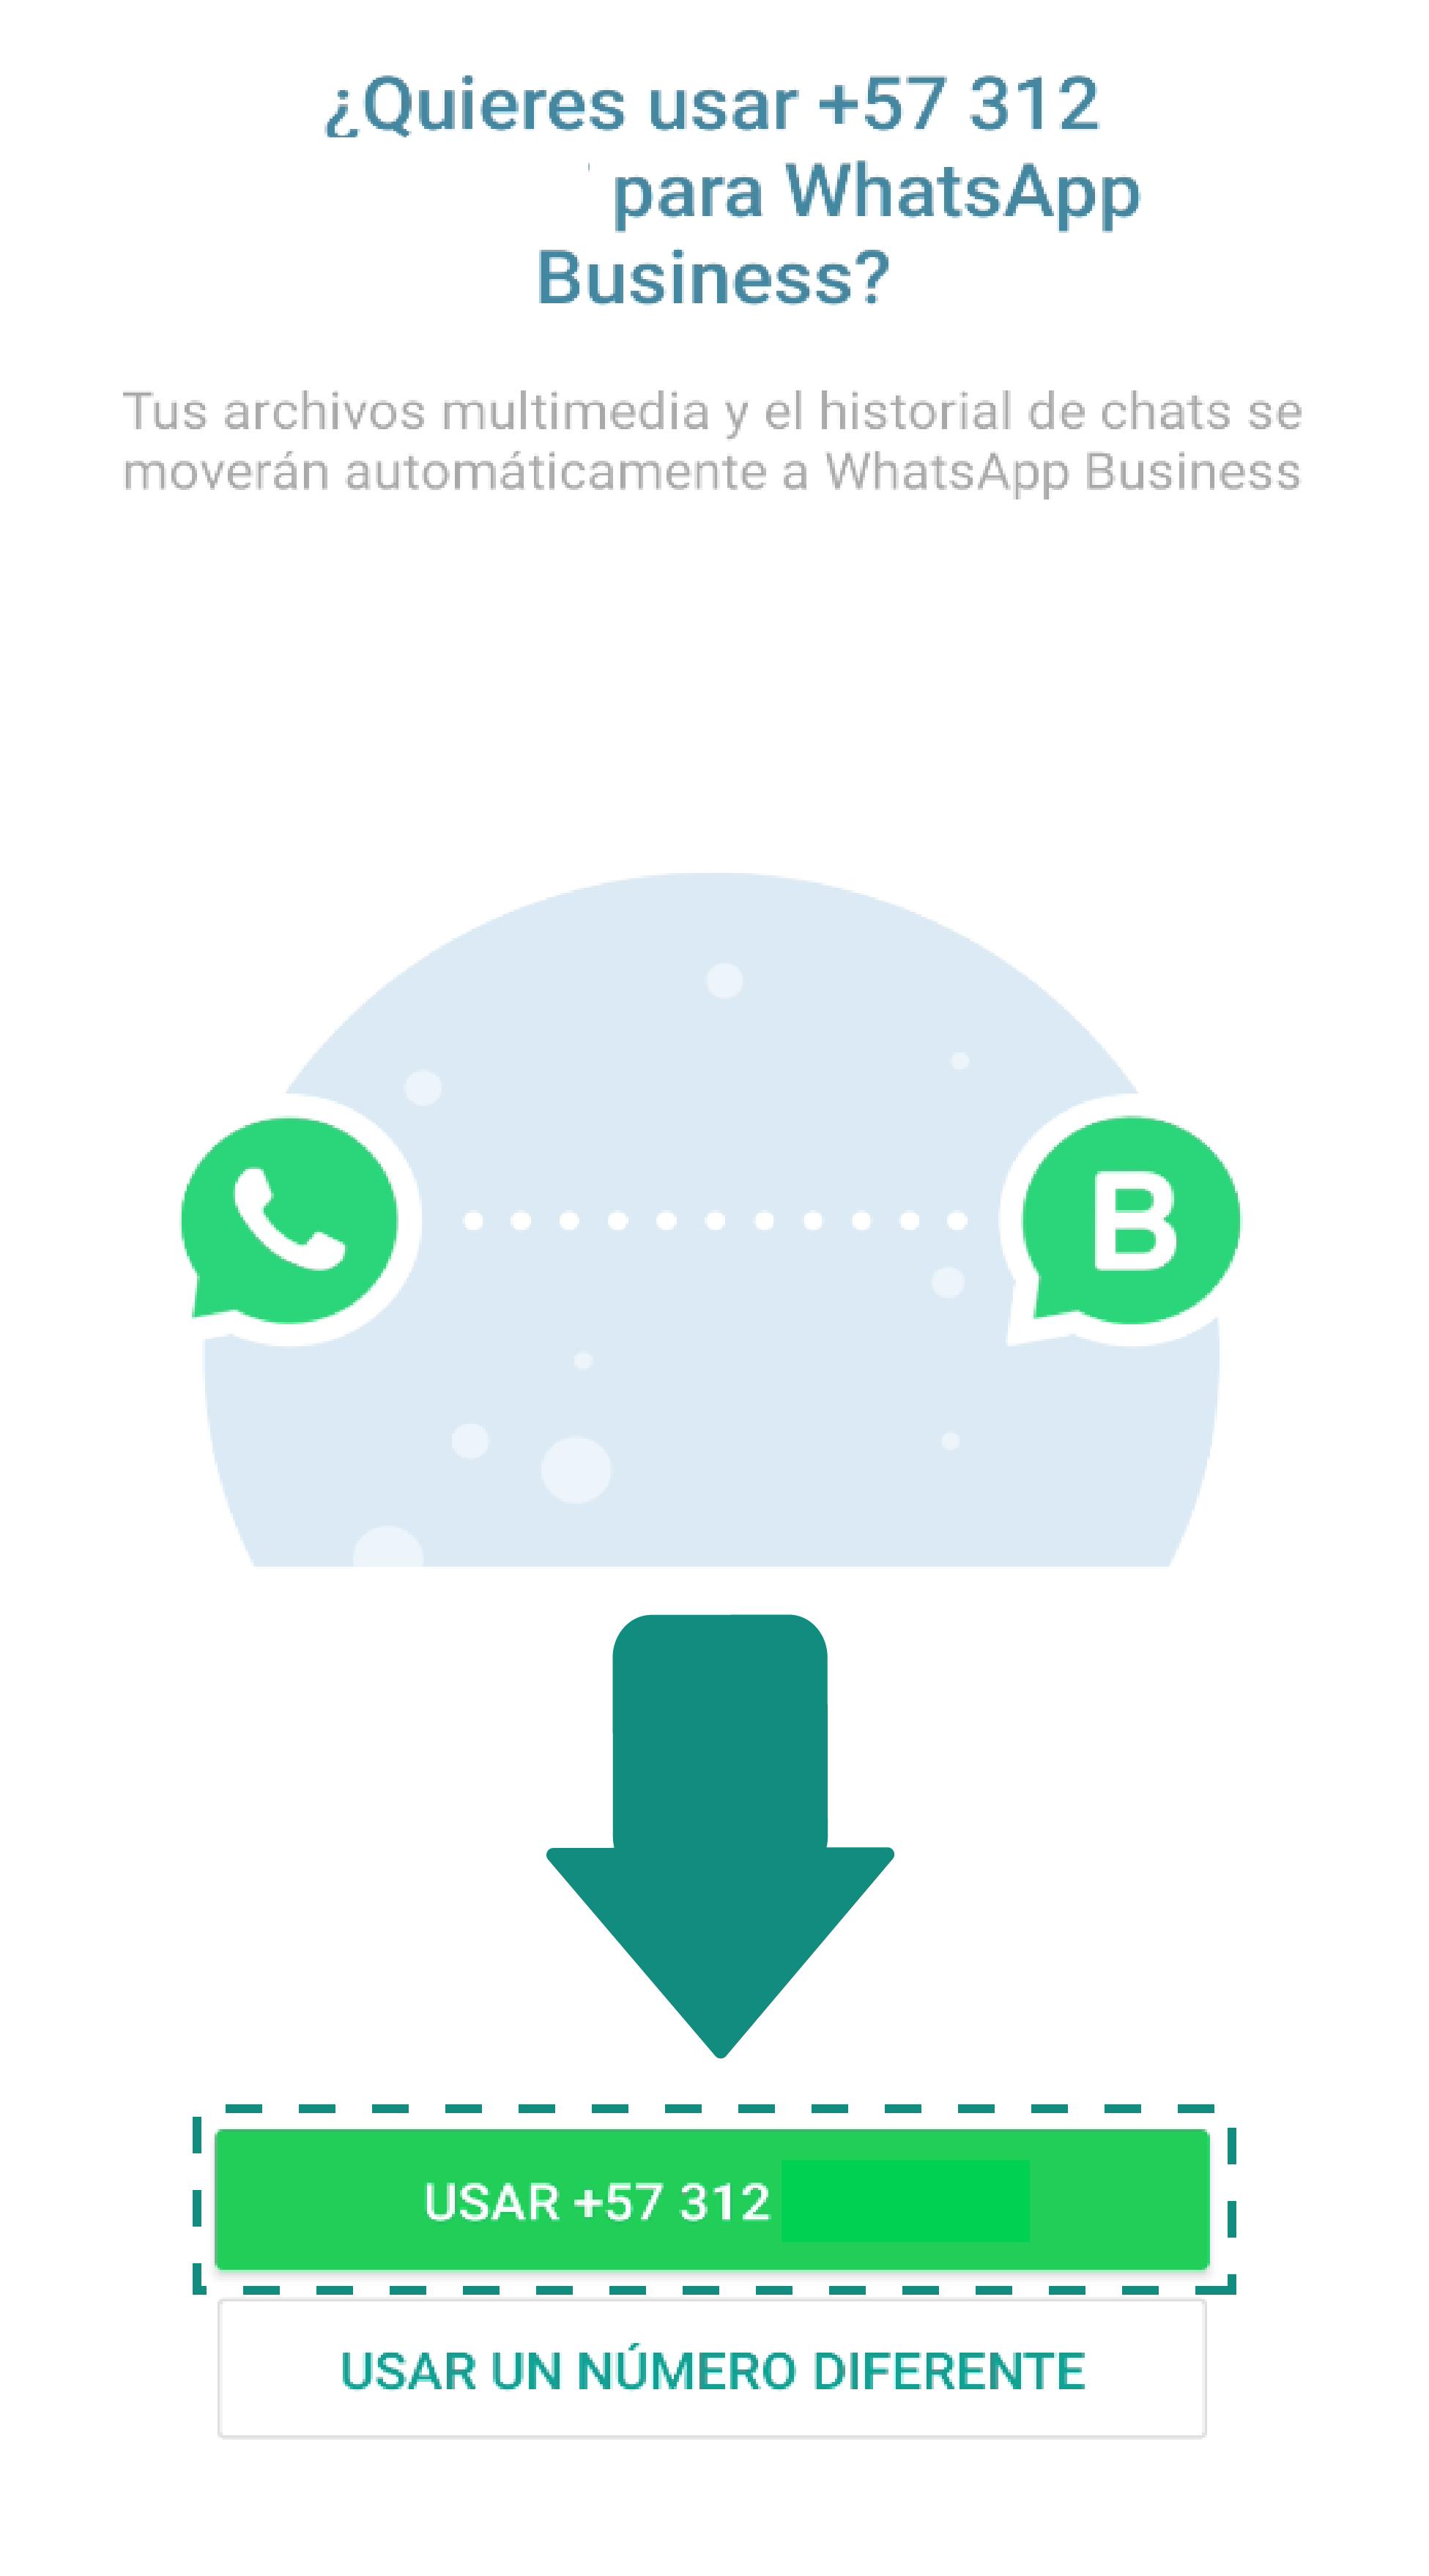 Aquí se te solicitará añadir el número telefónico que usarás para esta cuenta empresarial. Tendrás dos opciones: elegir el número que siempre usas o añadir un número diferente.